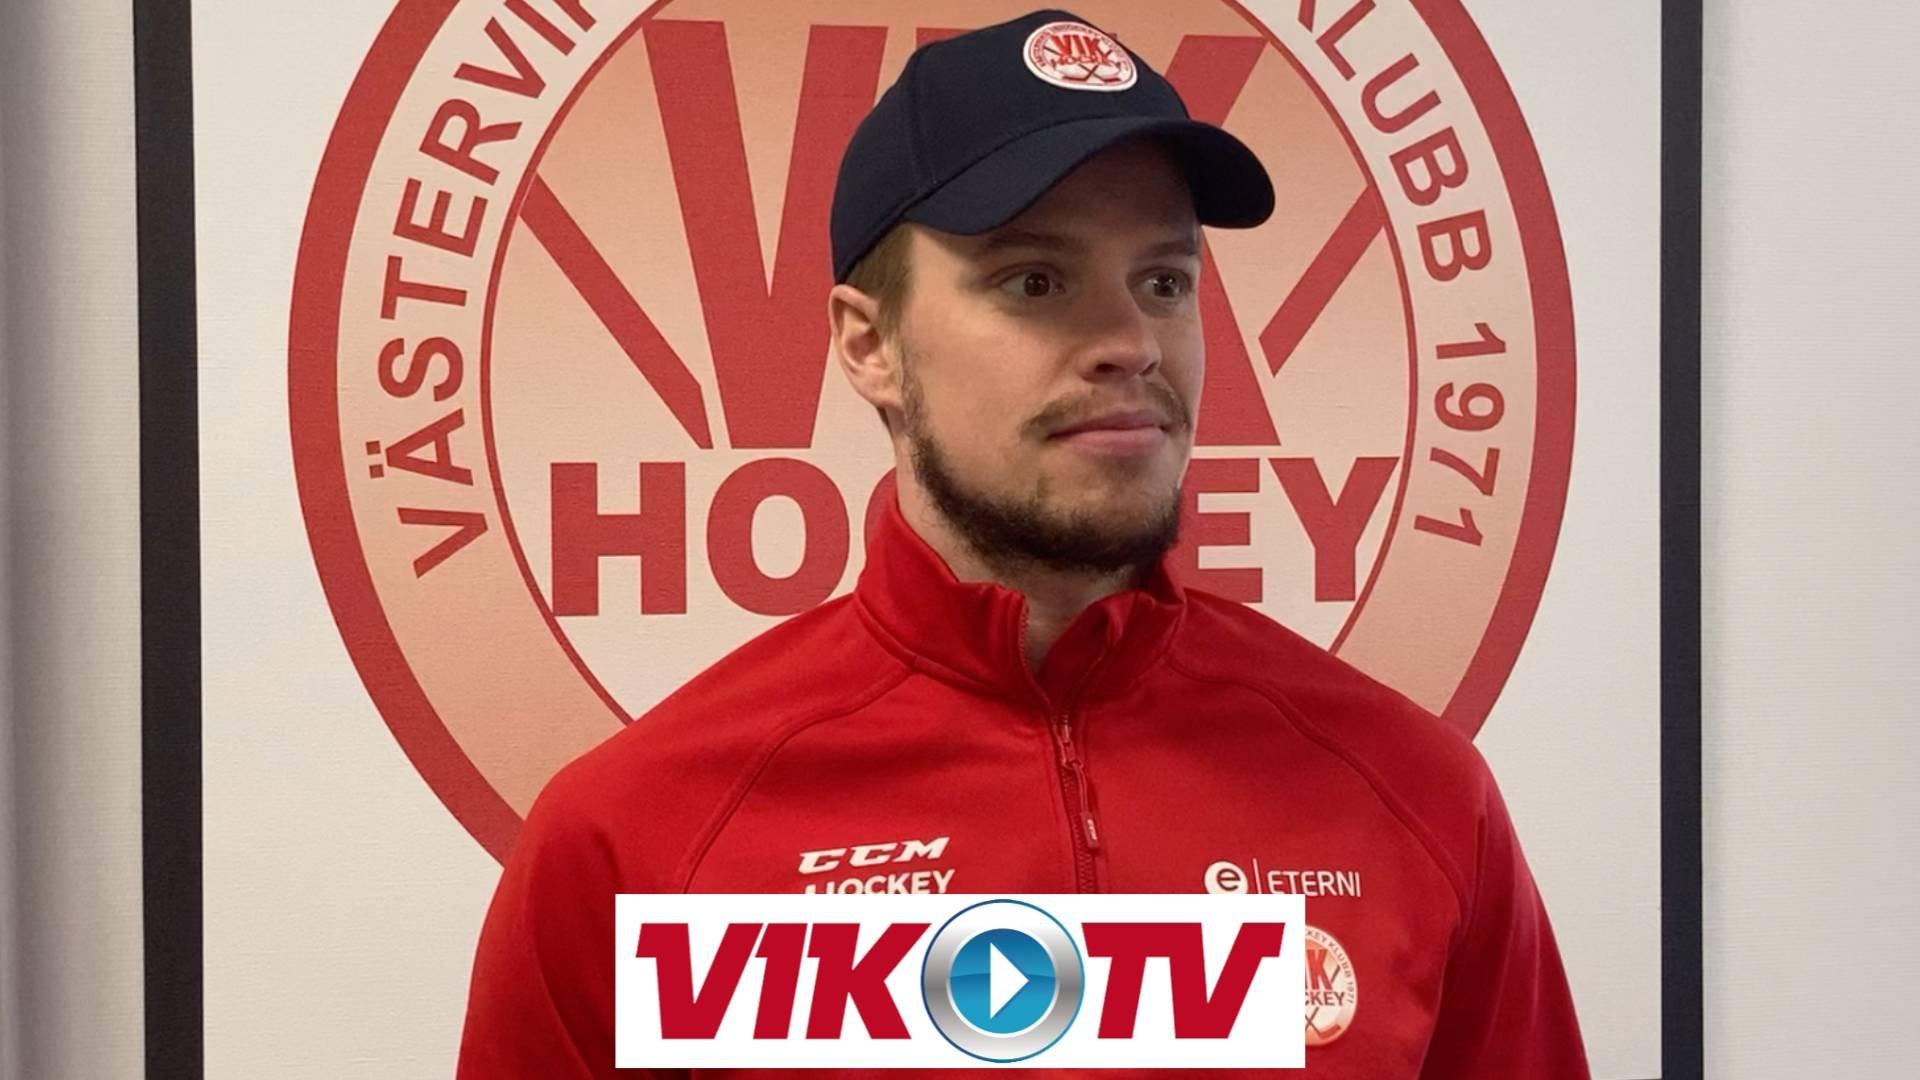 Intervju med Henrik Lundberg